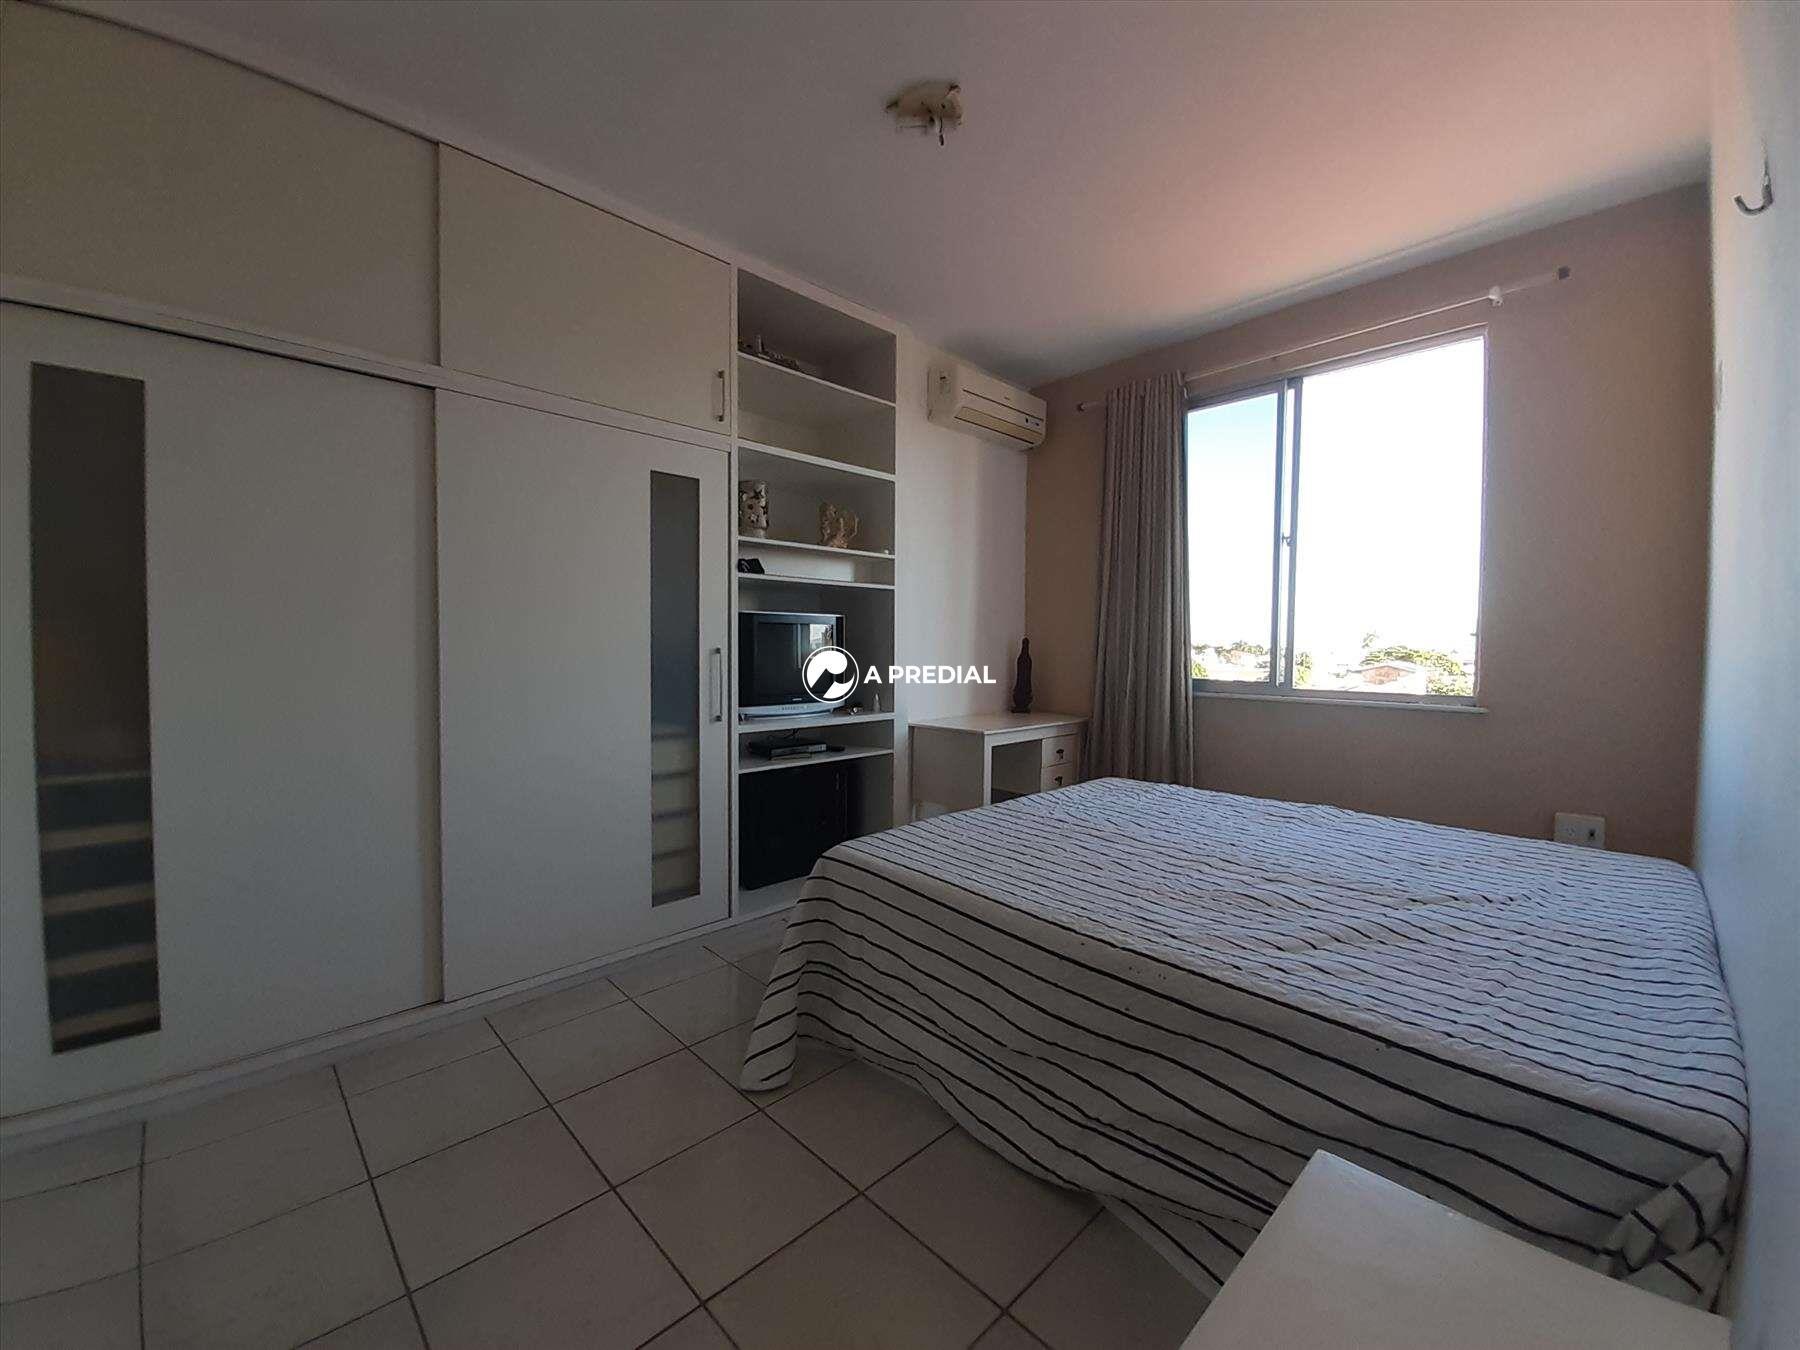 Apartamento à venda no Joaquim Távora: 68ccee64-2-20200804_155202.jpg